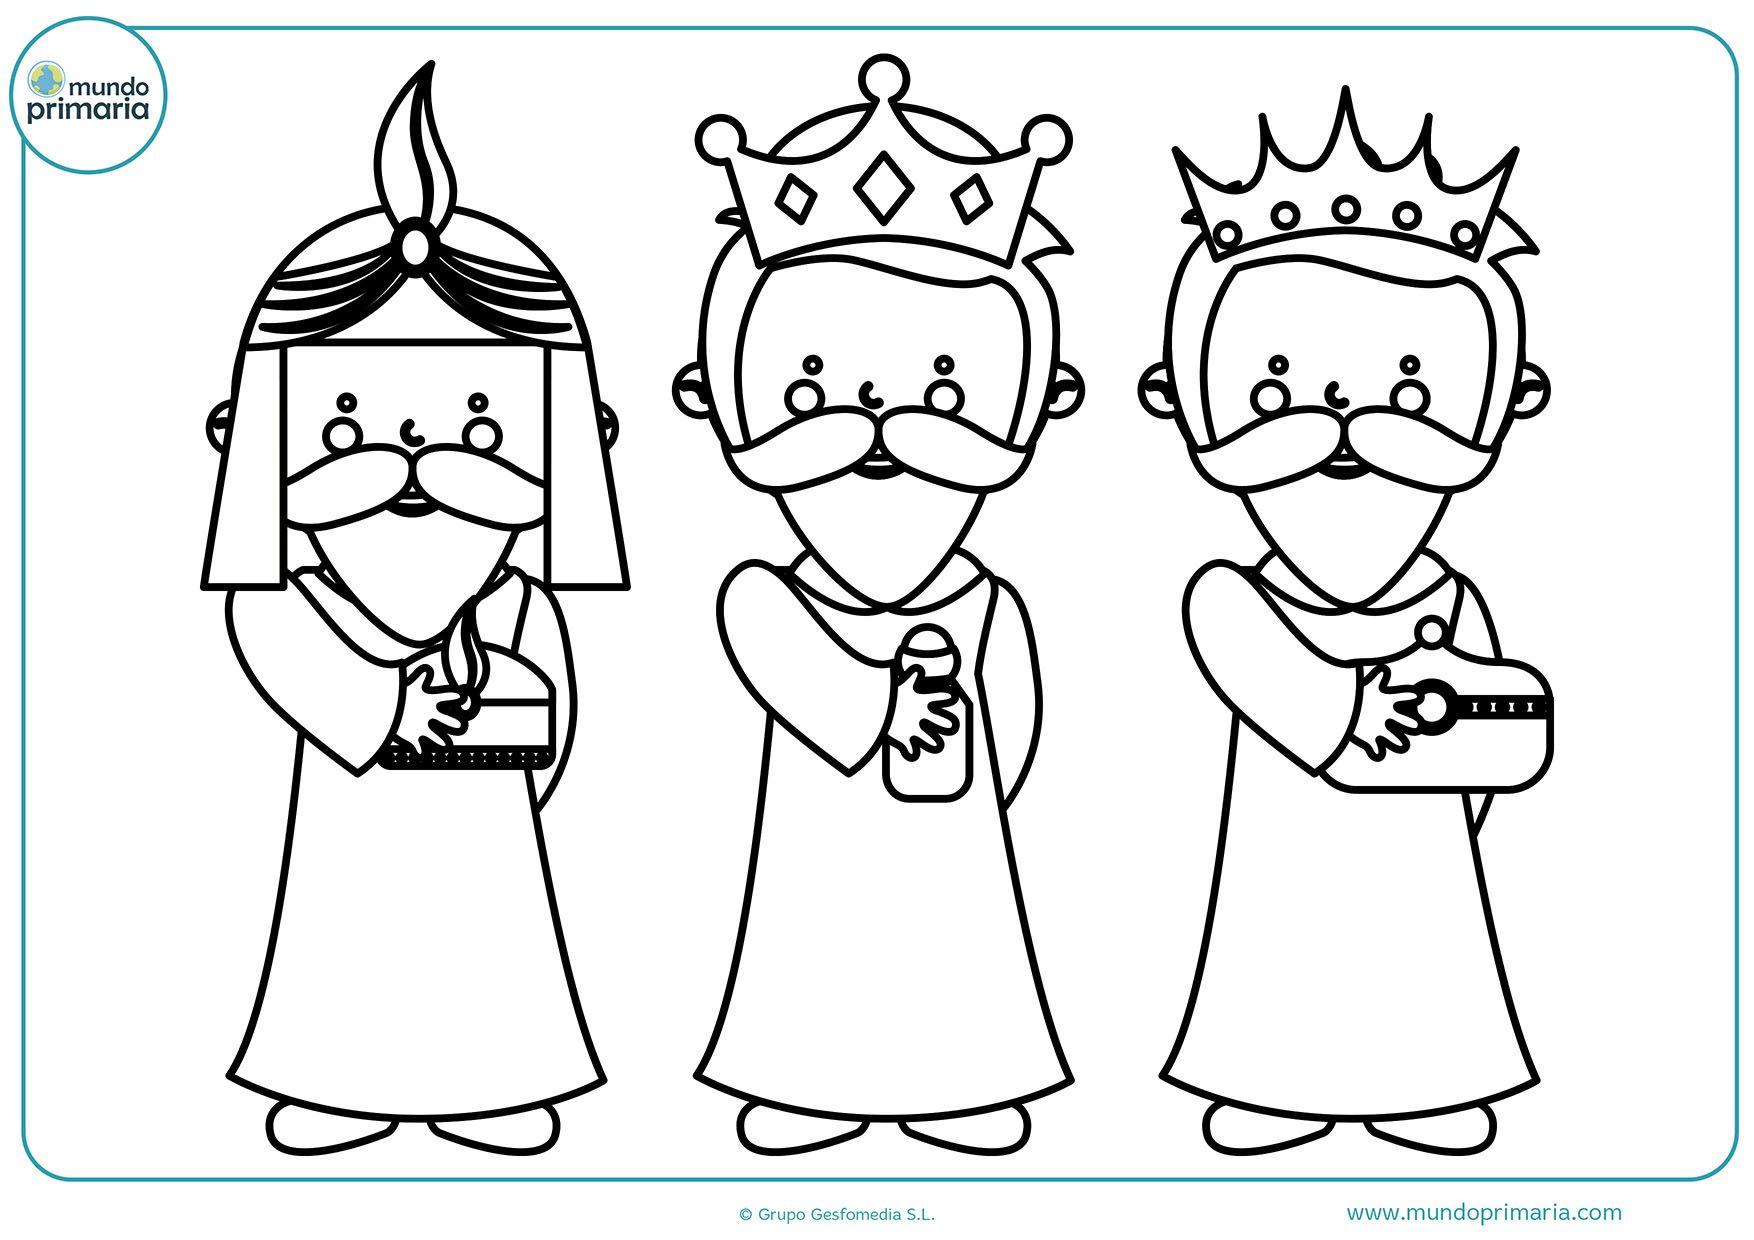 Dibujos De Navidad Para Colorear Mundo Primaria Dibujos De Navidad Dibujo Navidad Para Colorear Navidad